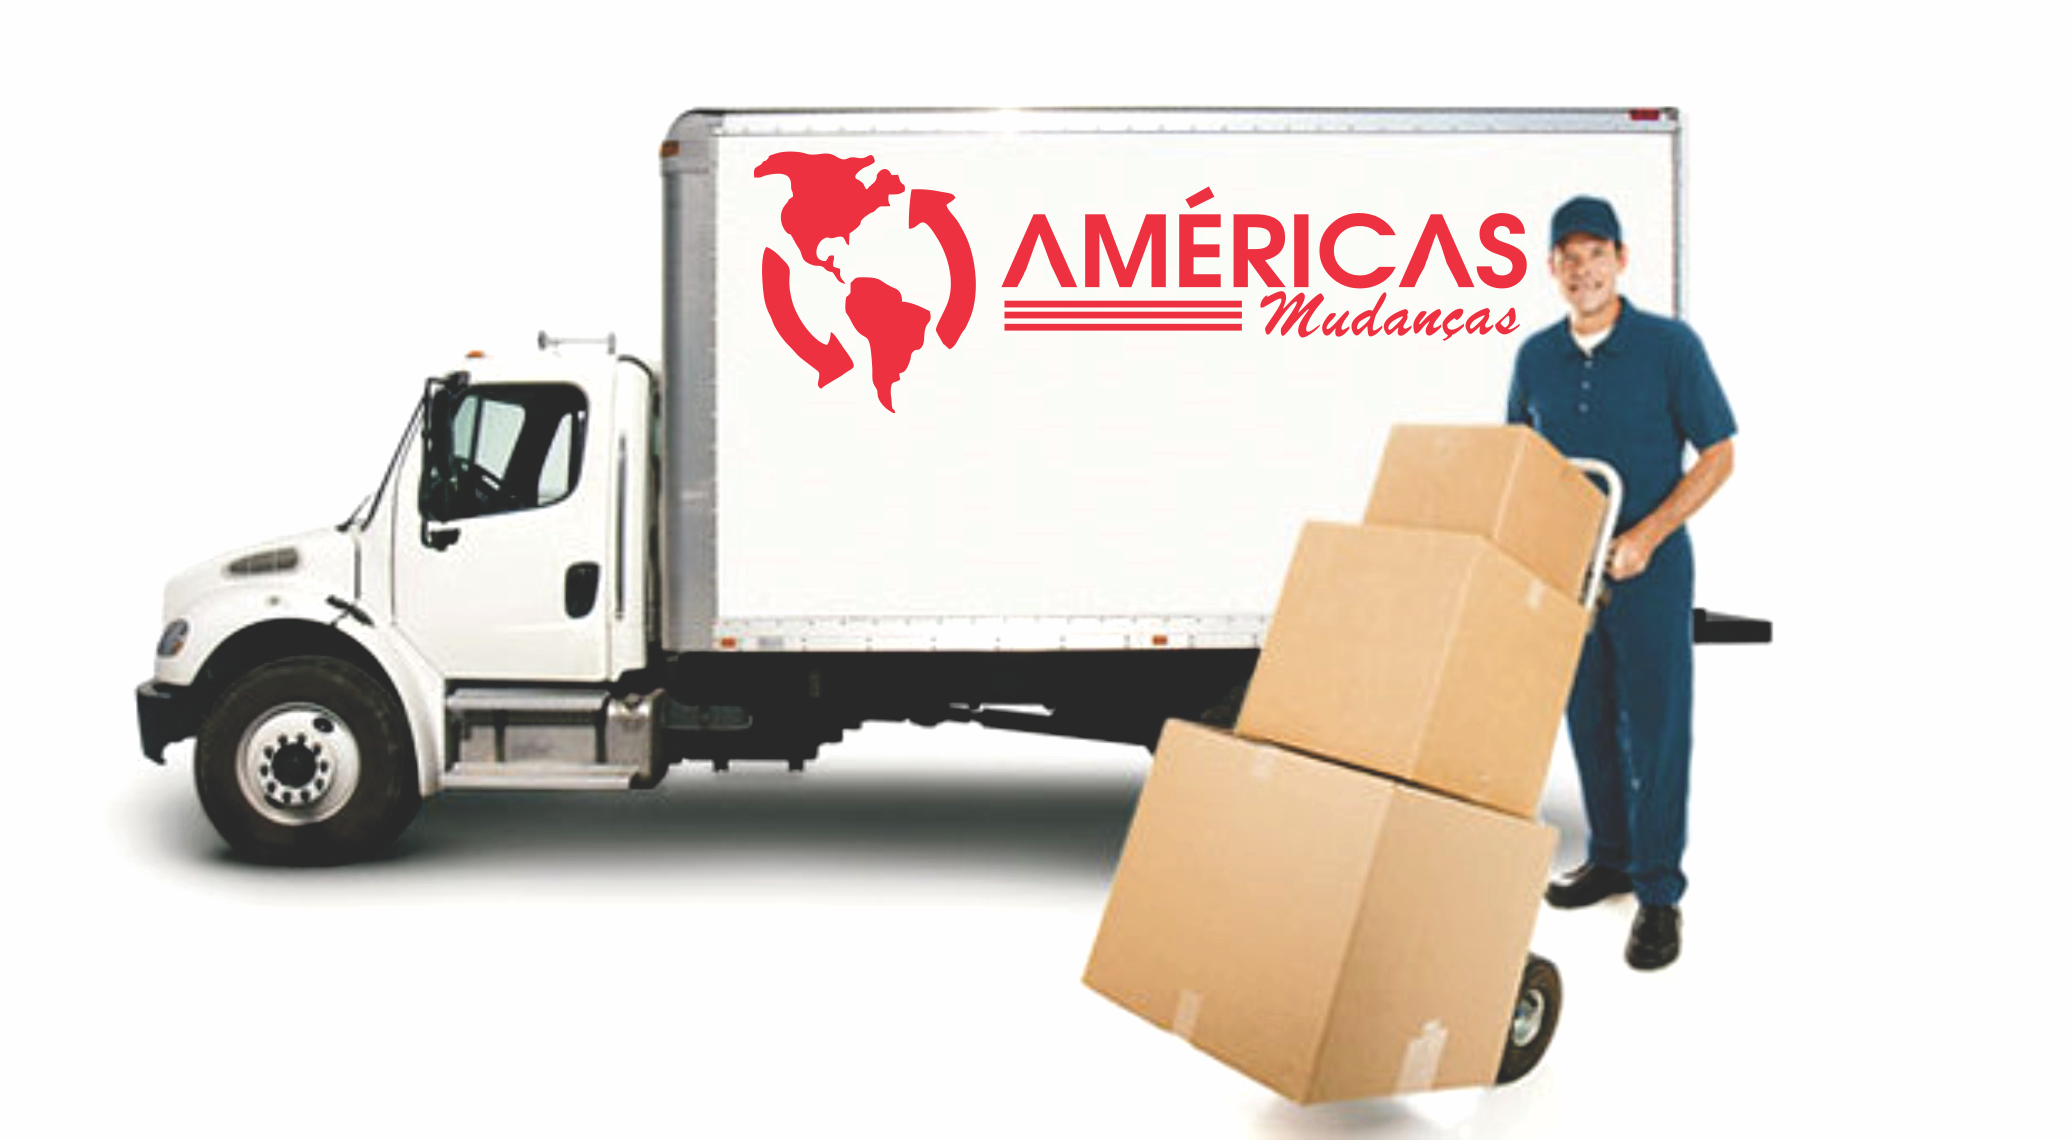 Americas-Mudancas-Nosso-Servicos